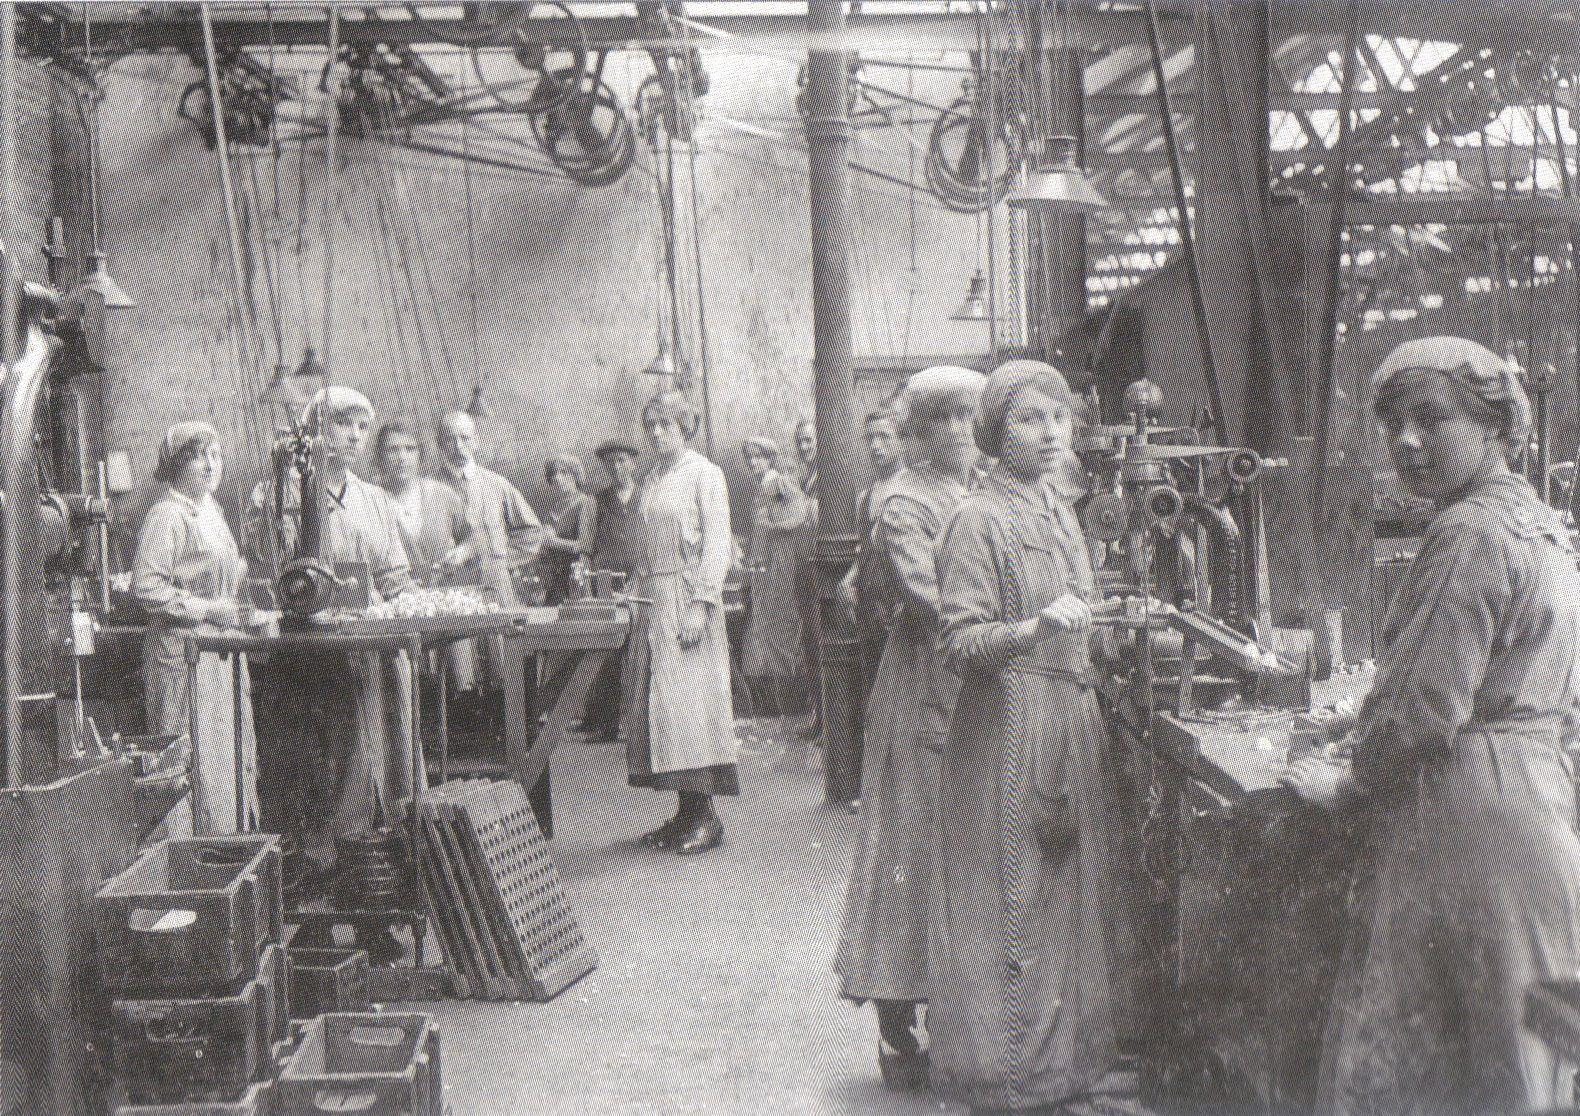 Ww1 clipart women factories jpg free J A Prestwich Factory - Tottenham - Munitions Workers WW1 ... jpg free